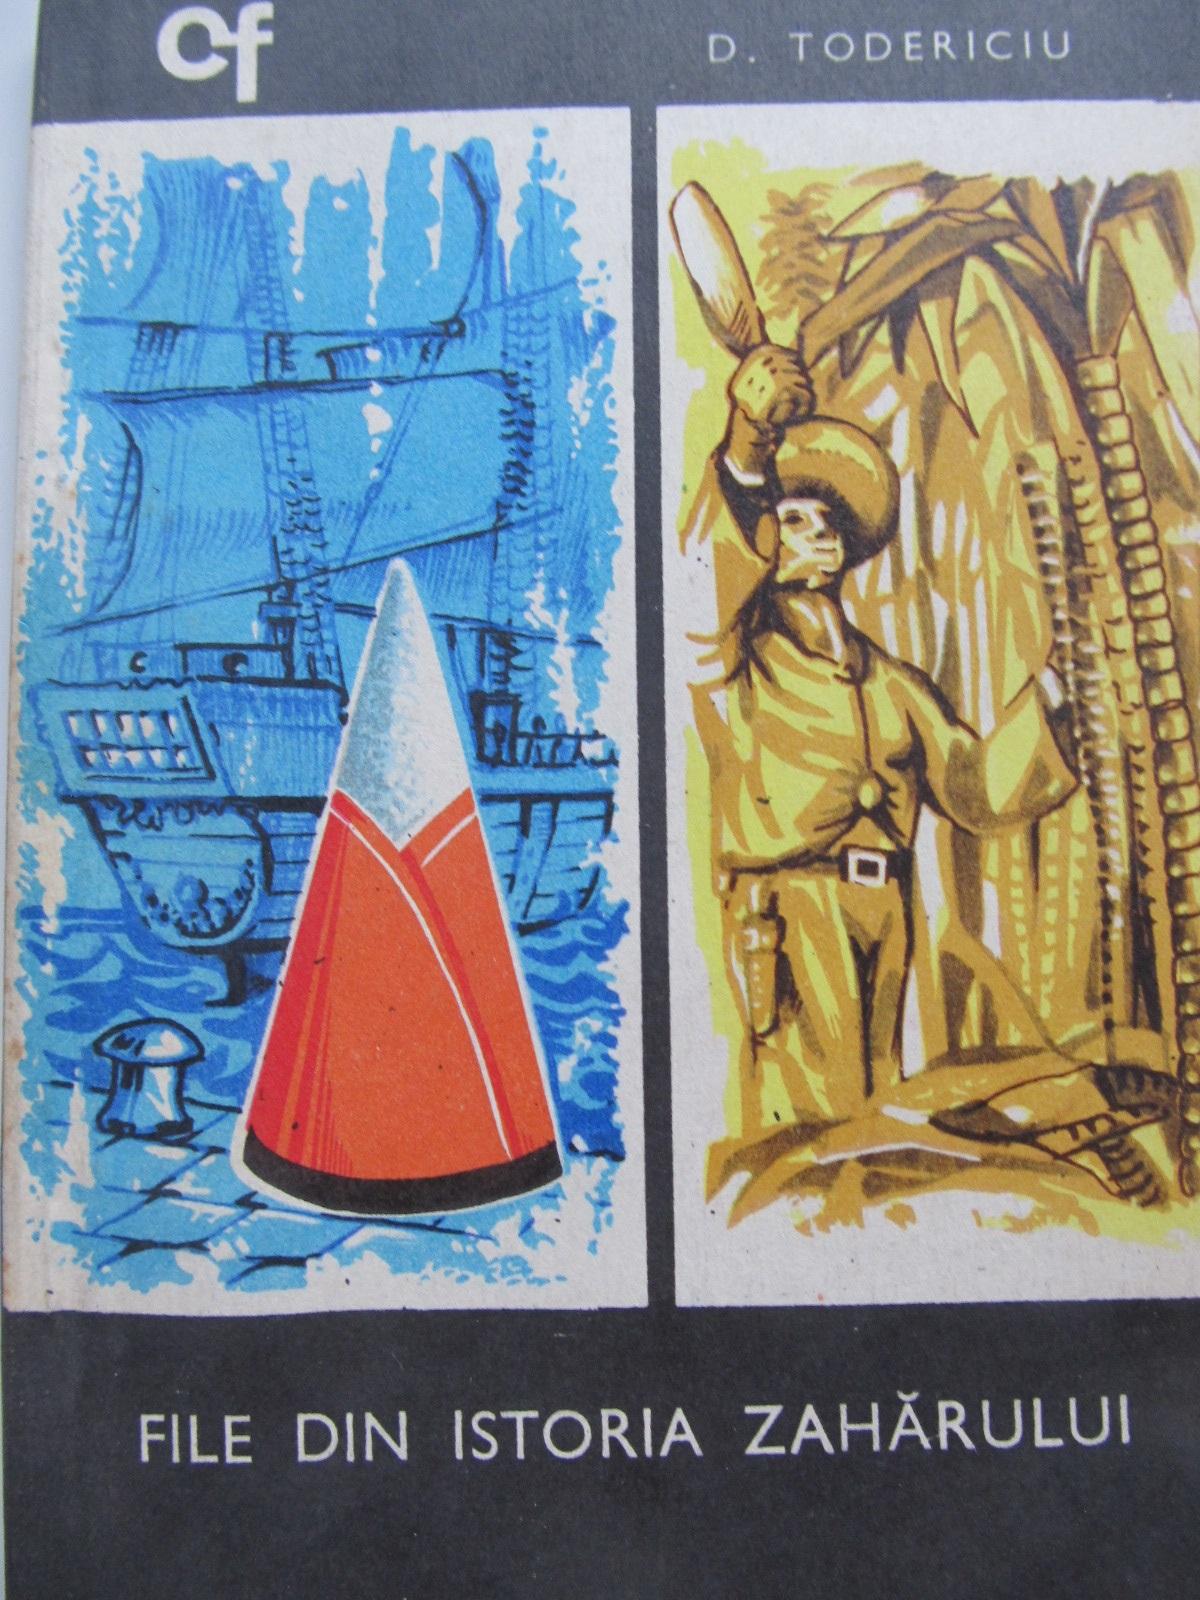 File din istoria zaharului - D. Todericiu | Detalii carte